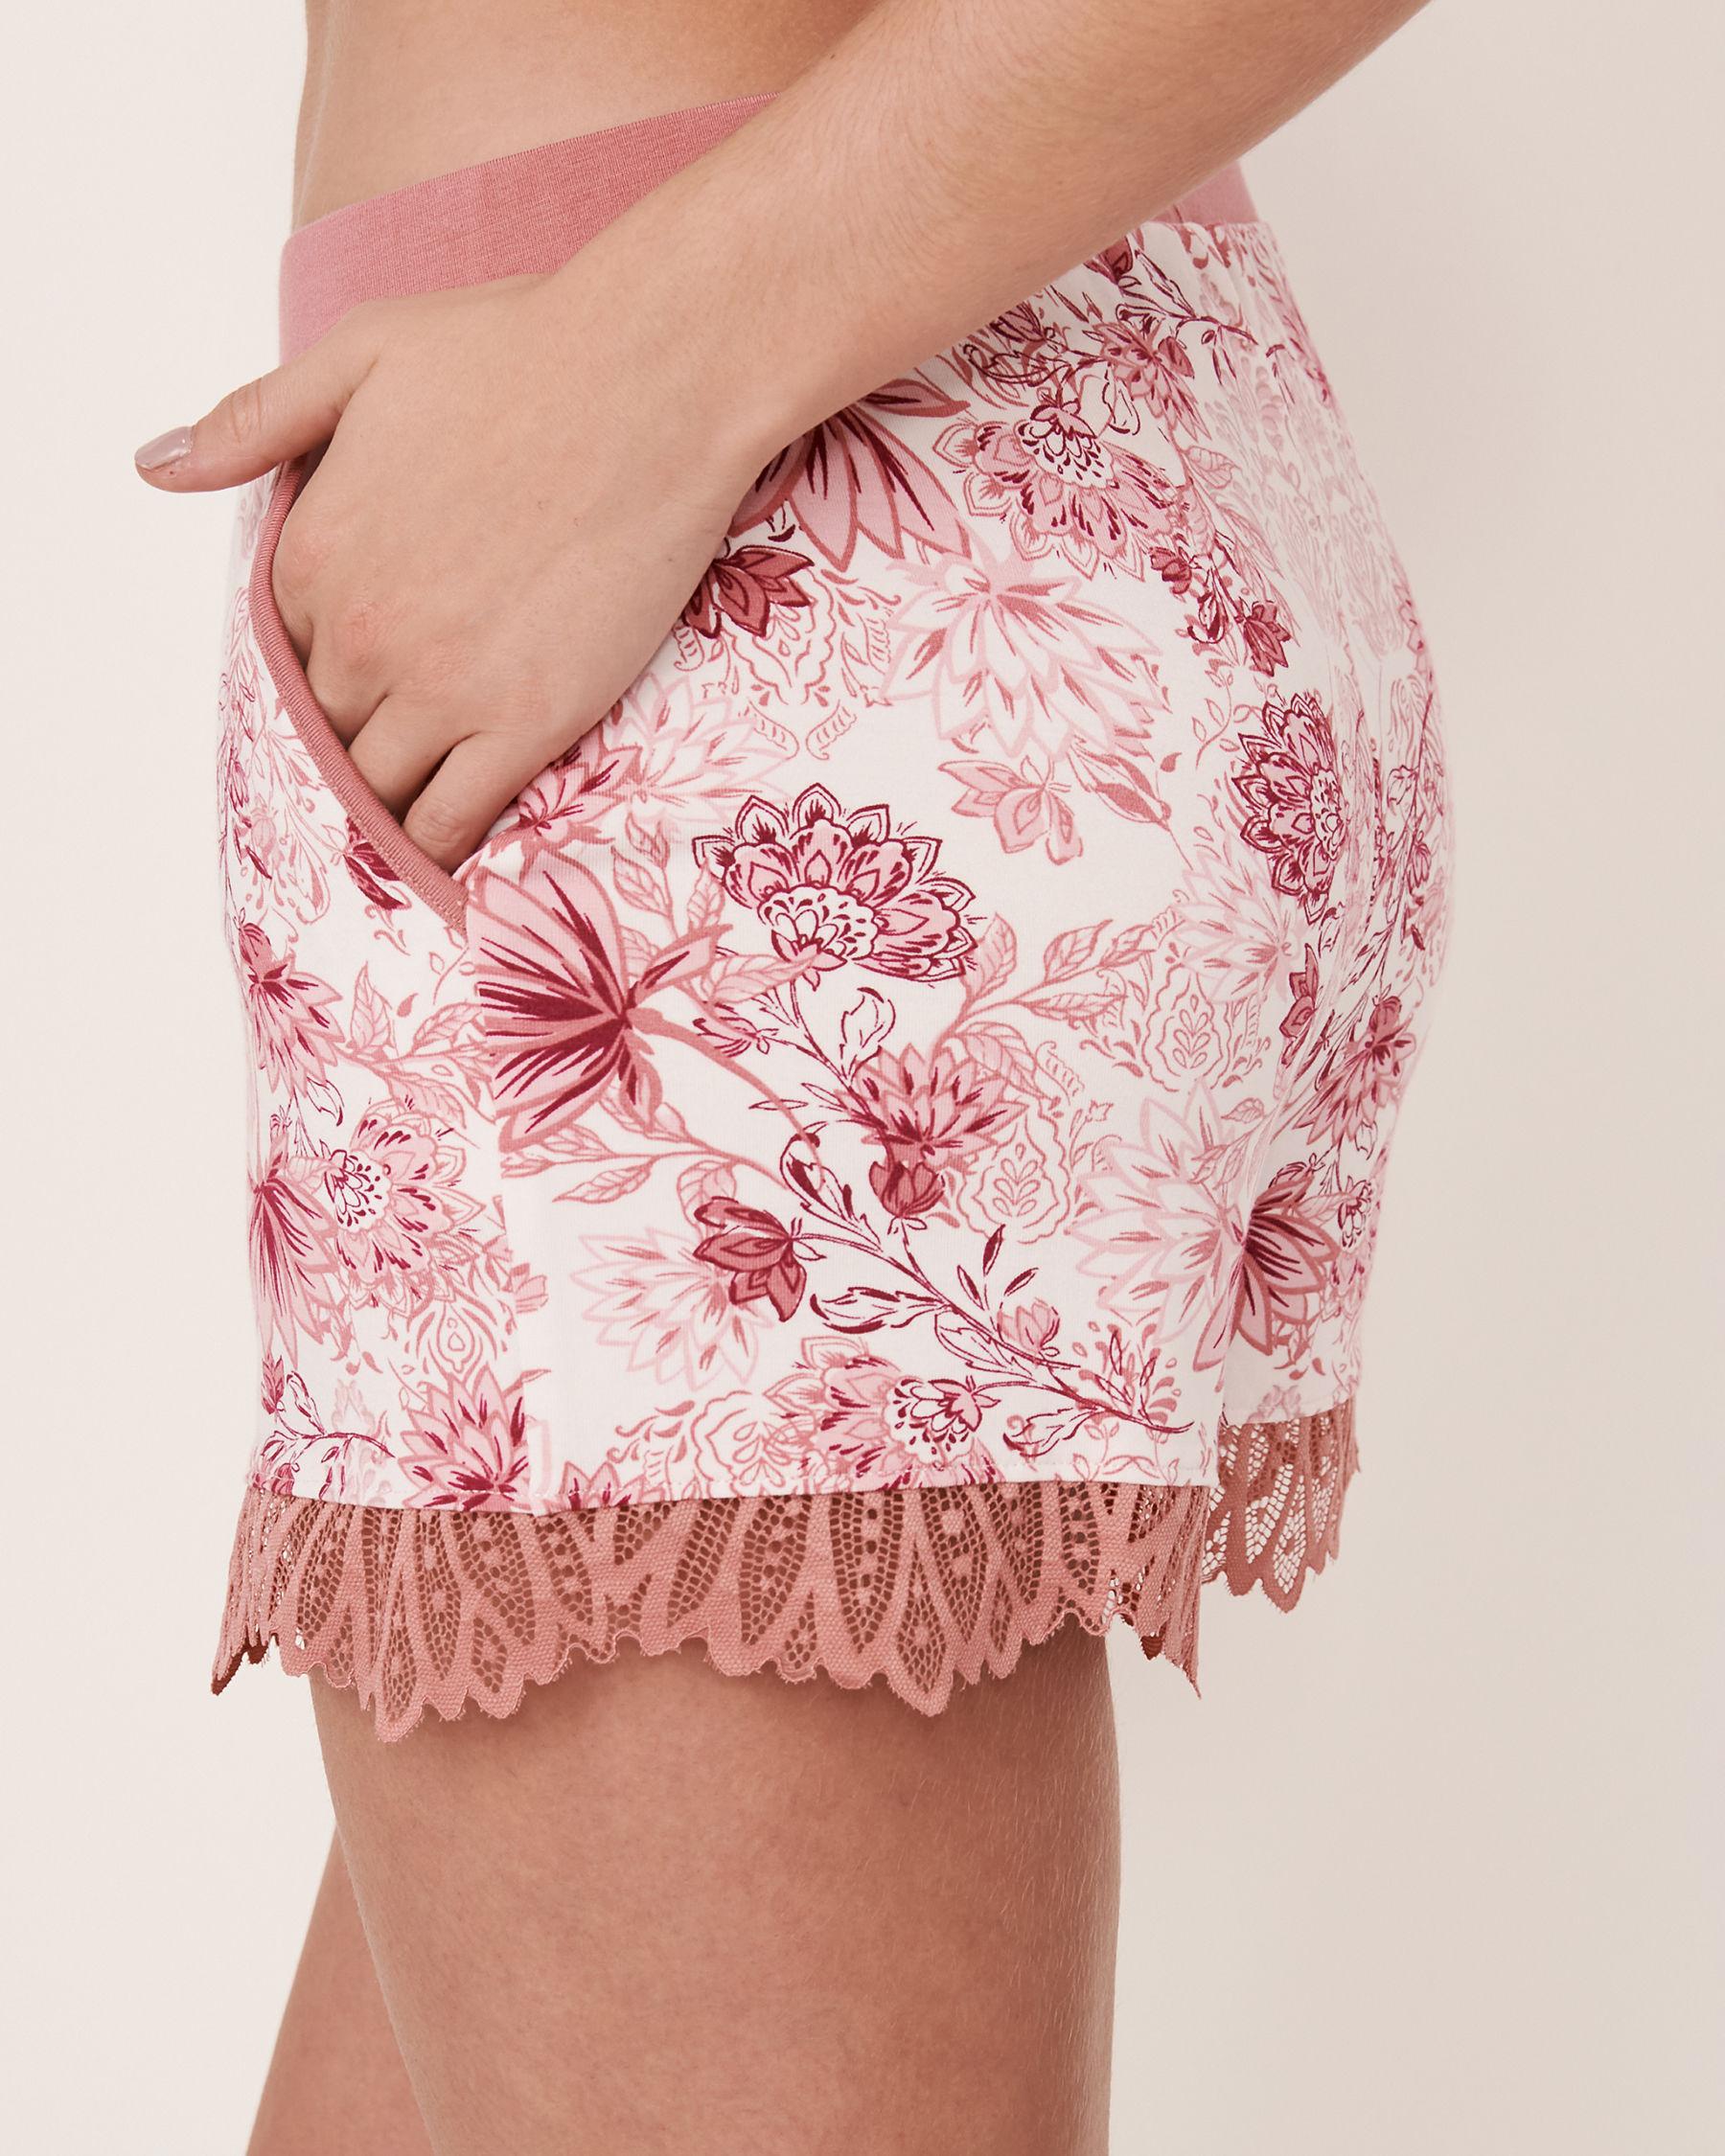 LA VIE EN ROSE Lace Trim Modal Short Pink flowers 40200076 - View2